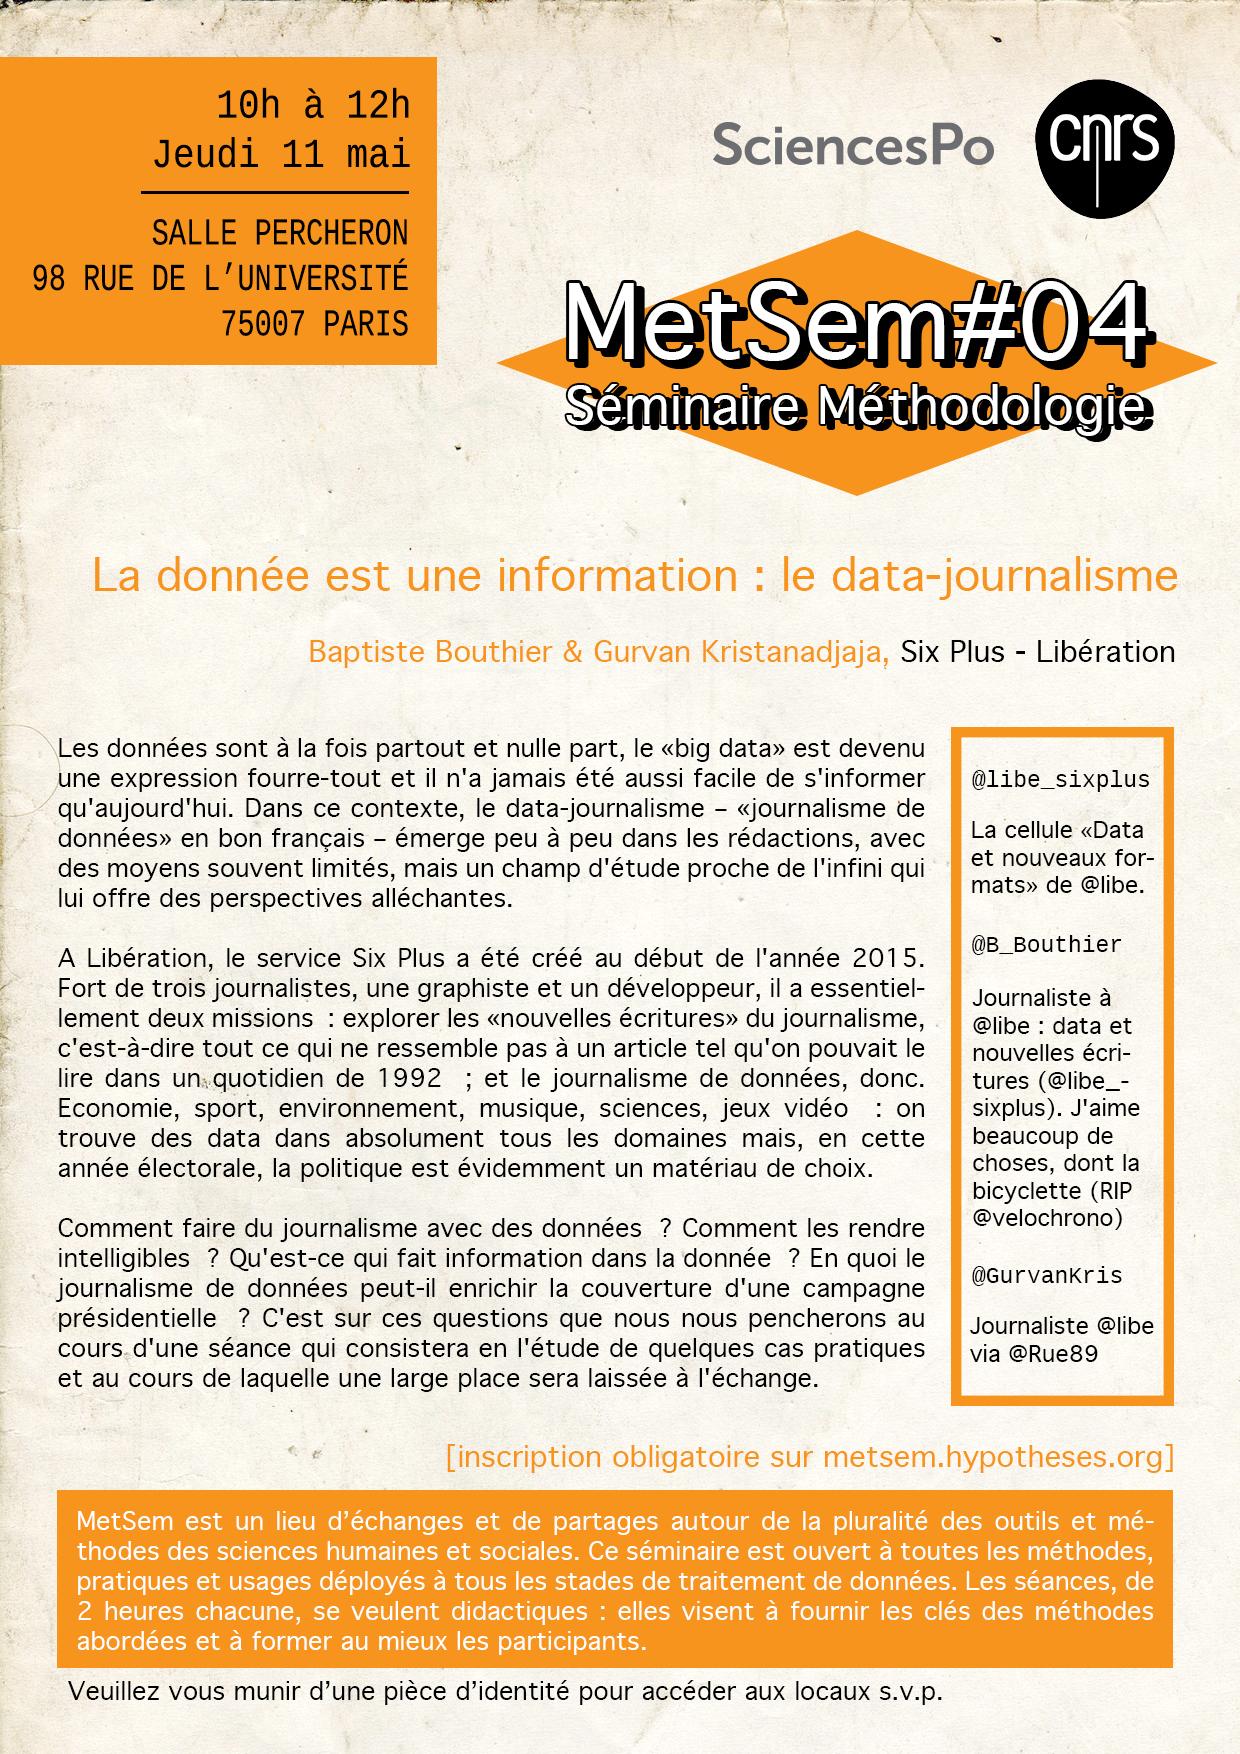 metsem04